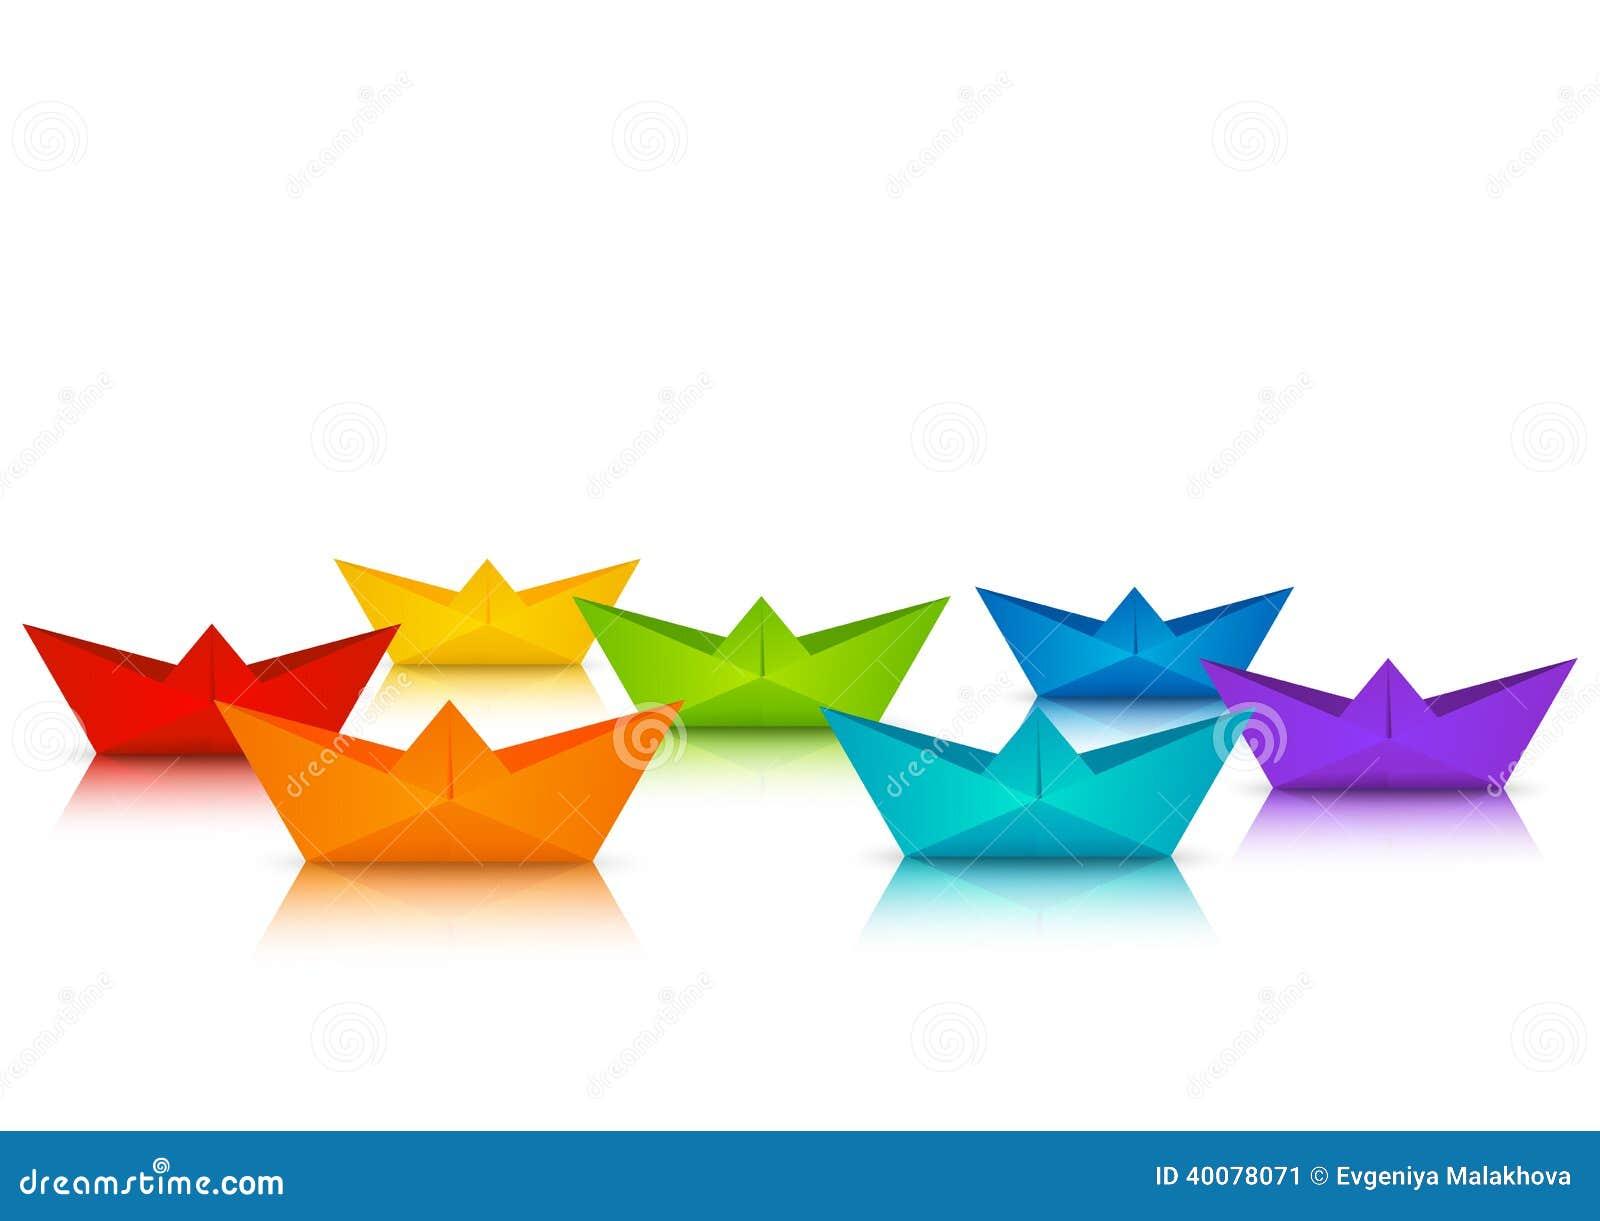 Crogioli di carta di arcobaleno per la vostra progettazione